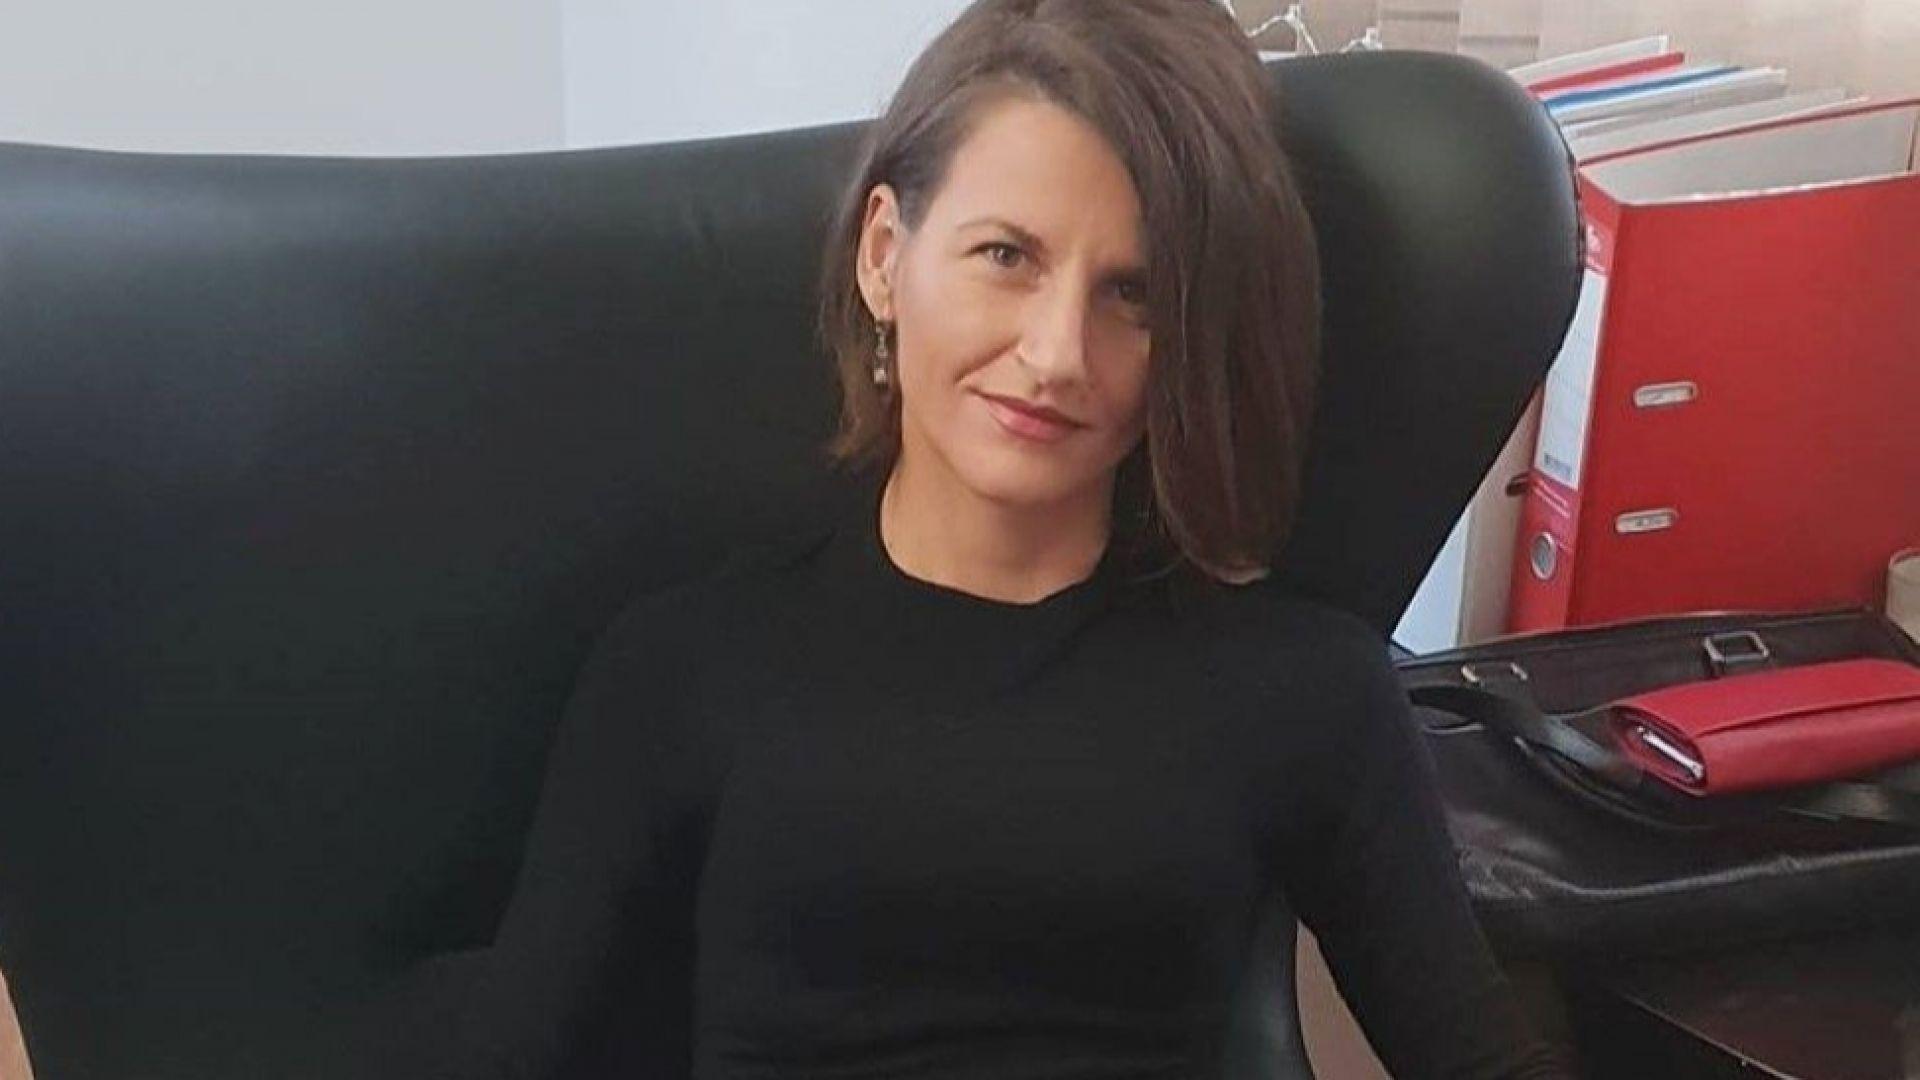 Столичната адвокатка Валентина Каменарска, която неотдавна беше нападната в кантората